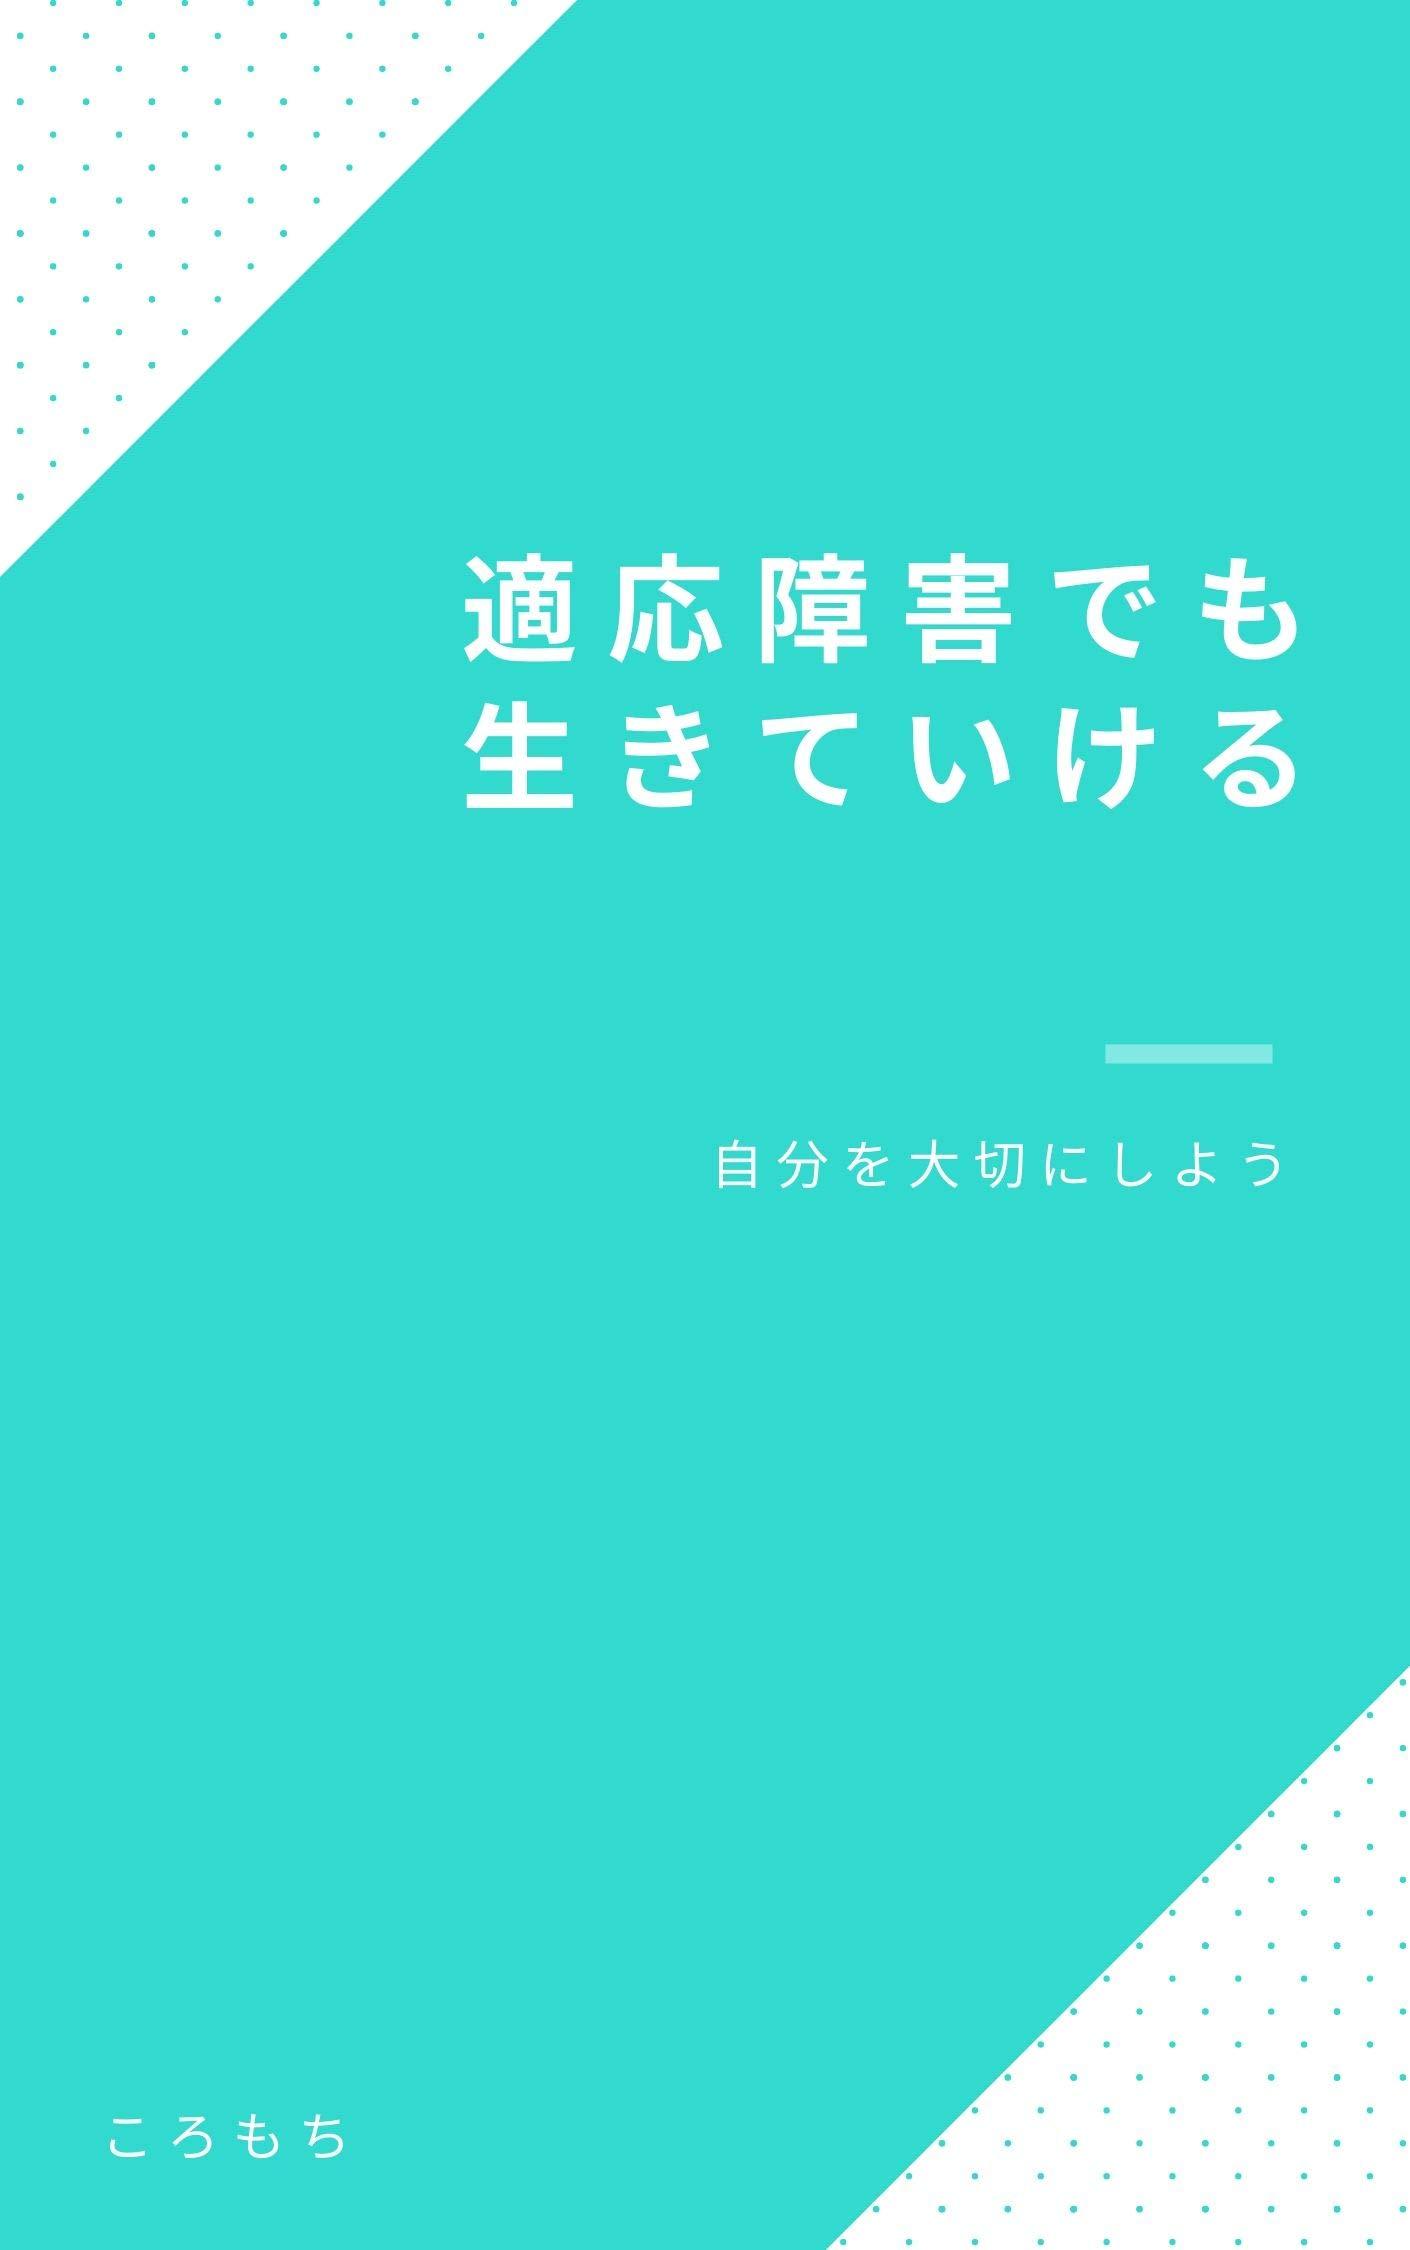 tekiousyougai demo ikite ikeru: jibun wo taisetu ni siyou (Non Fiction)